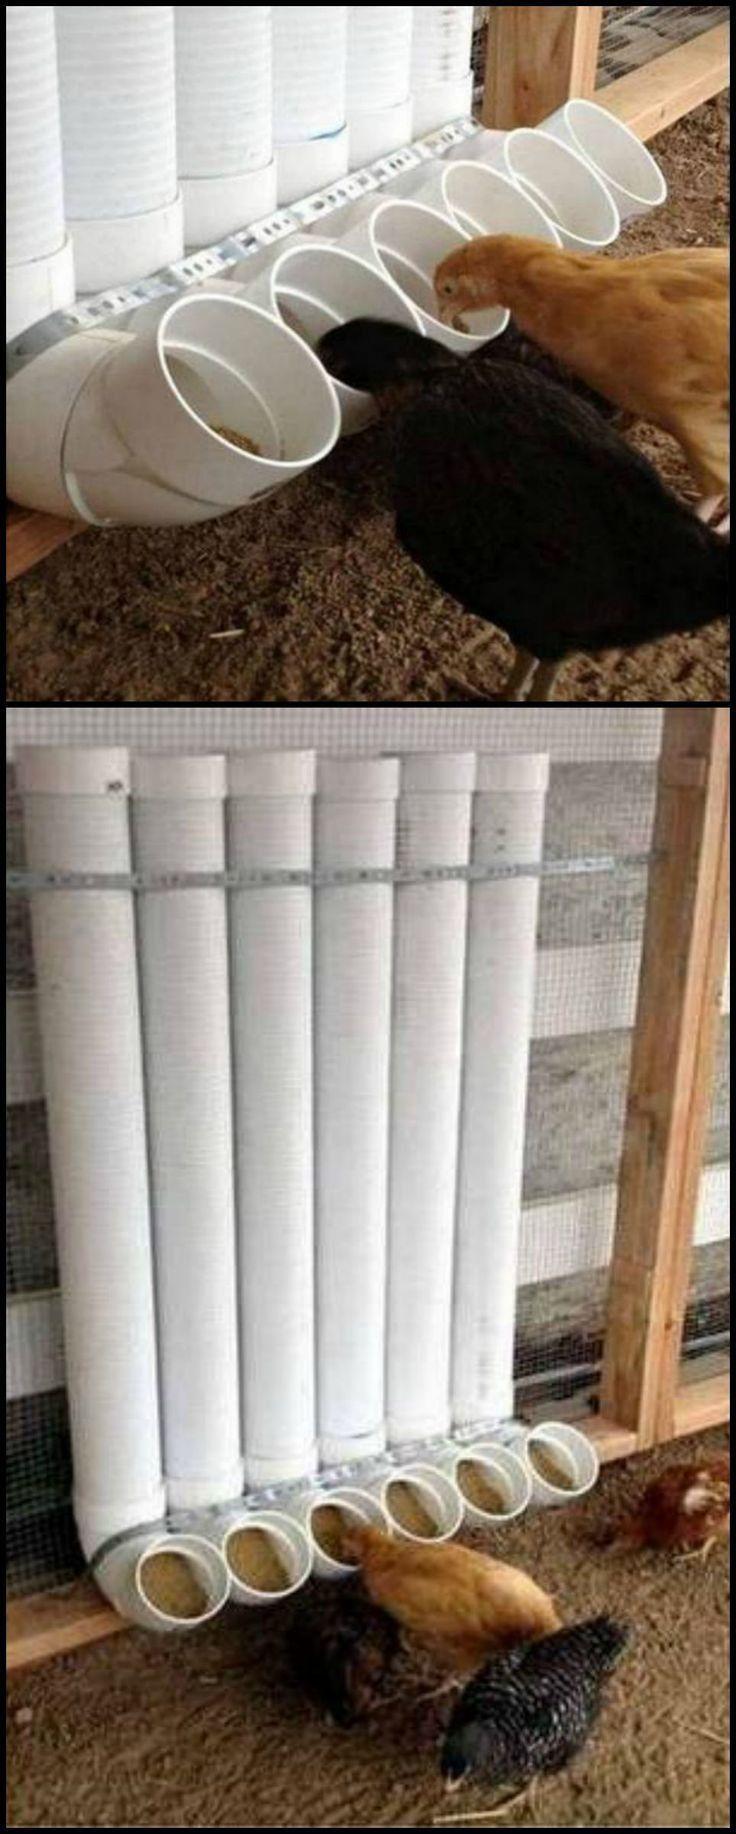 So bauen Sie einen preiswerten Hühnerfutterautomat aus PVC